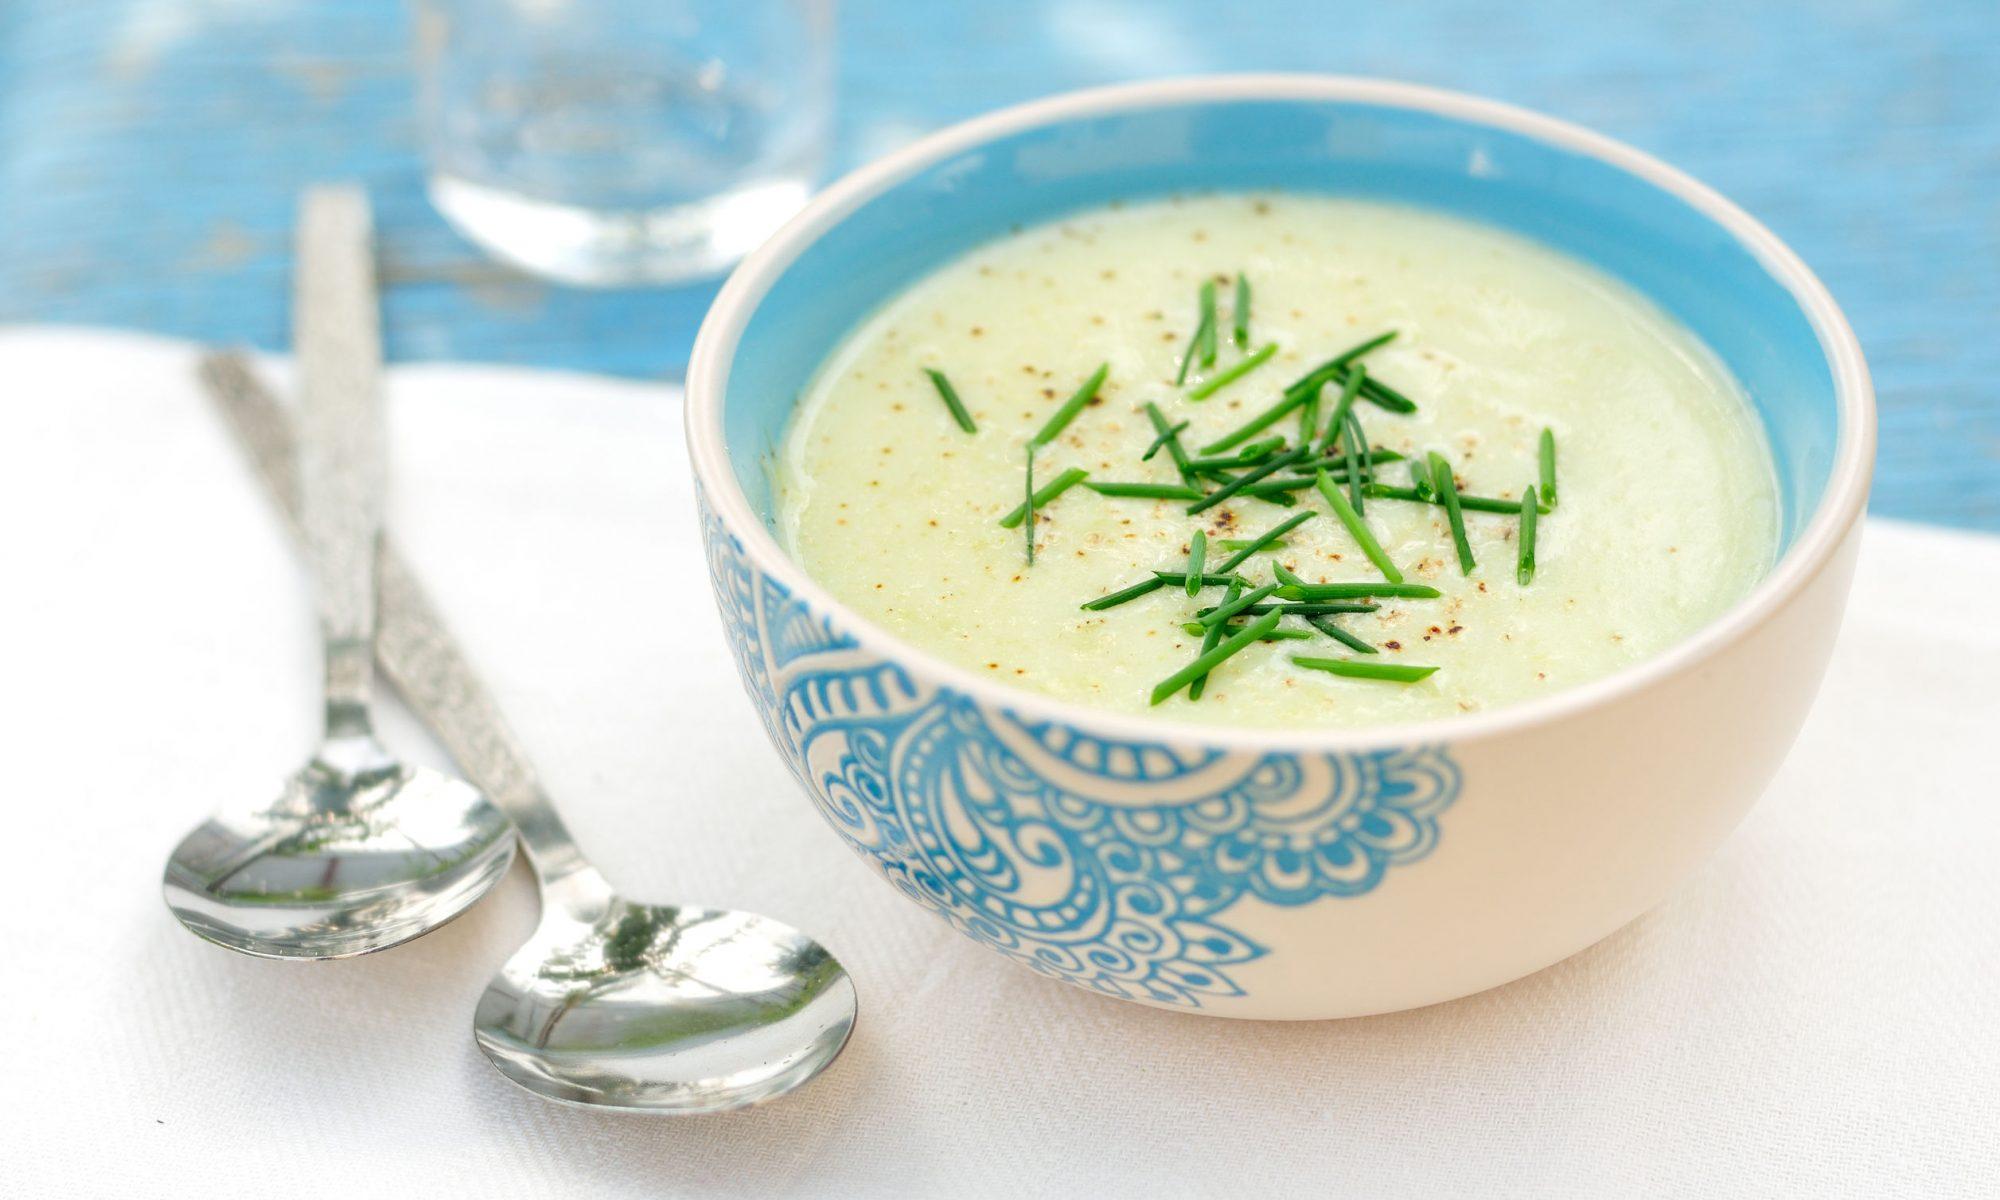 Кабачковый крем суп: 2 вкусных рецепта от Шефмаркет